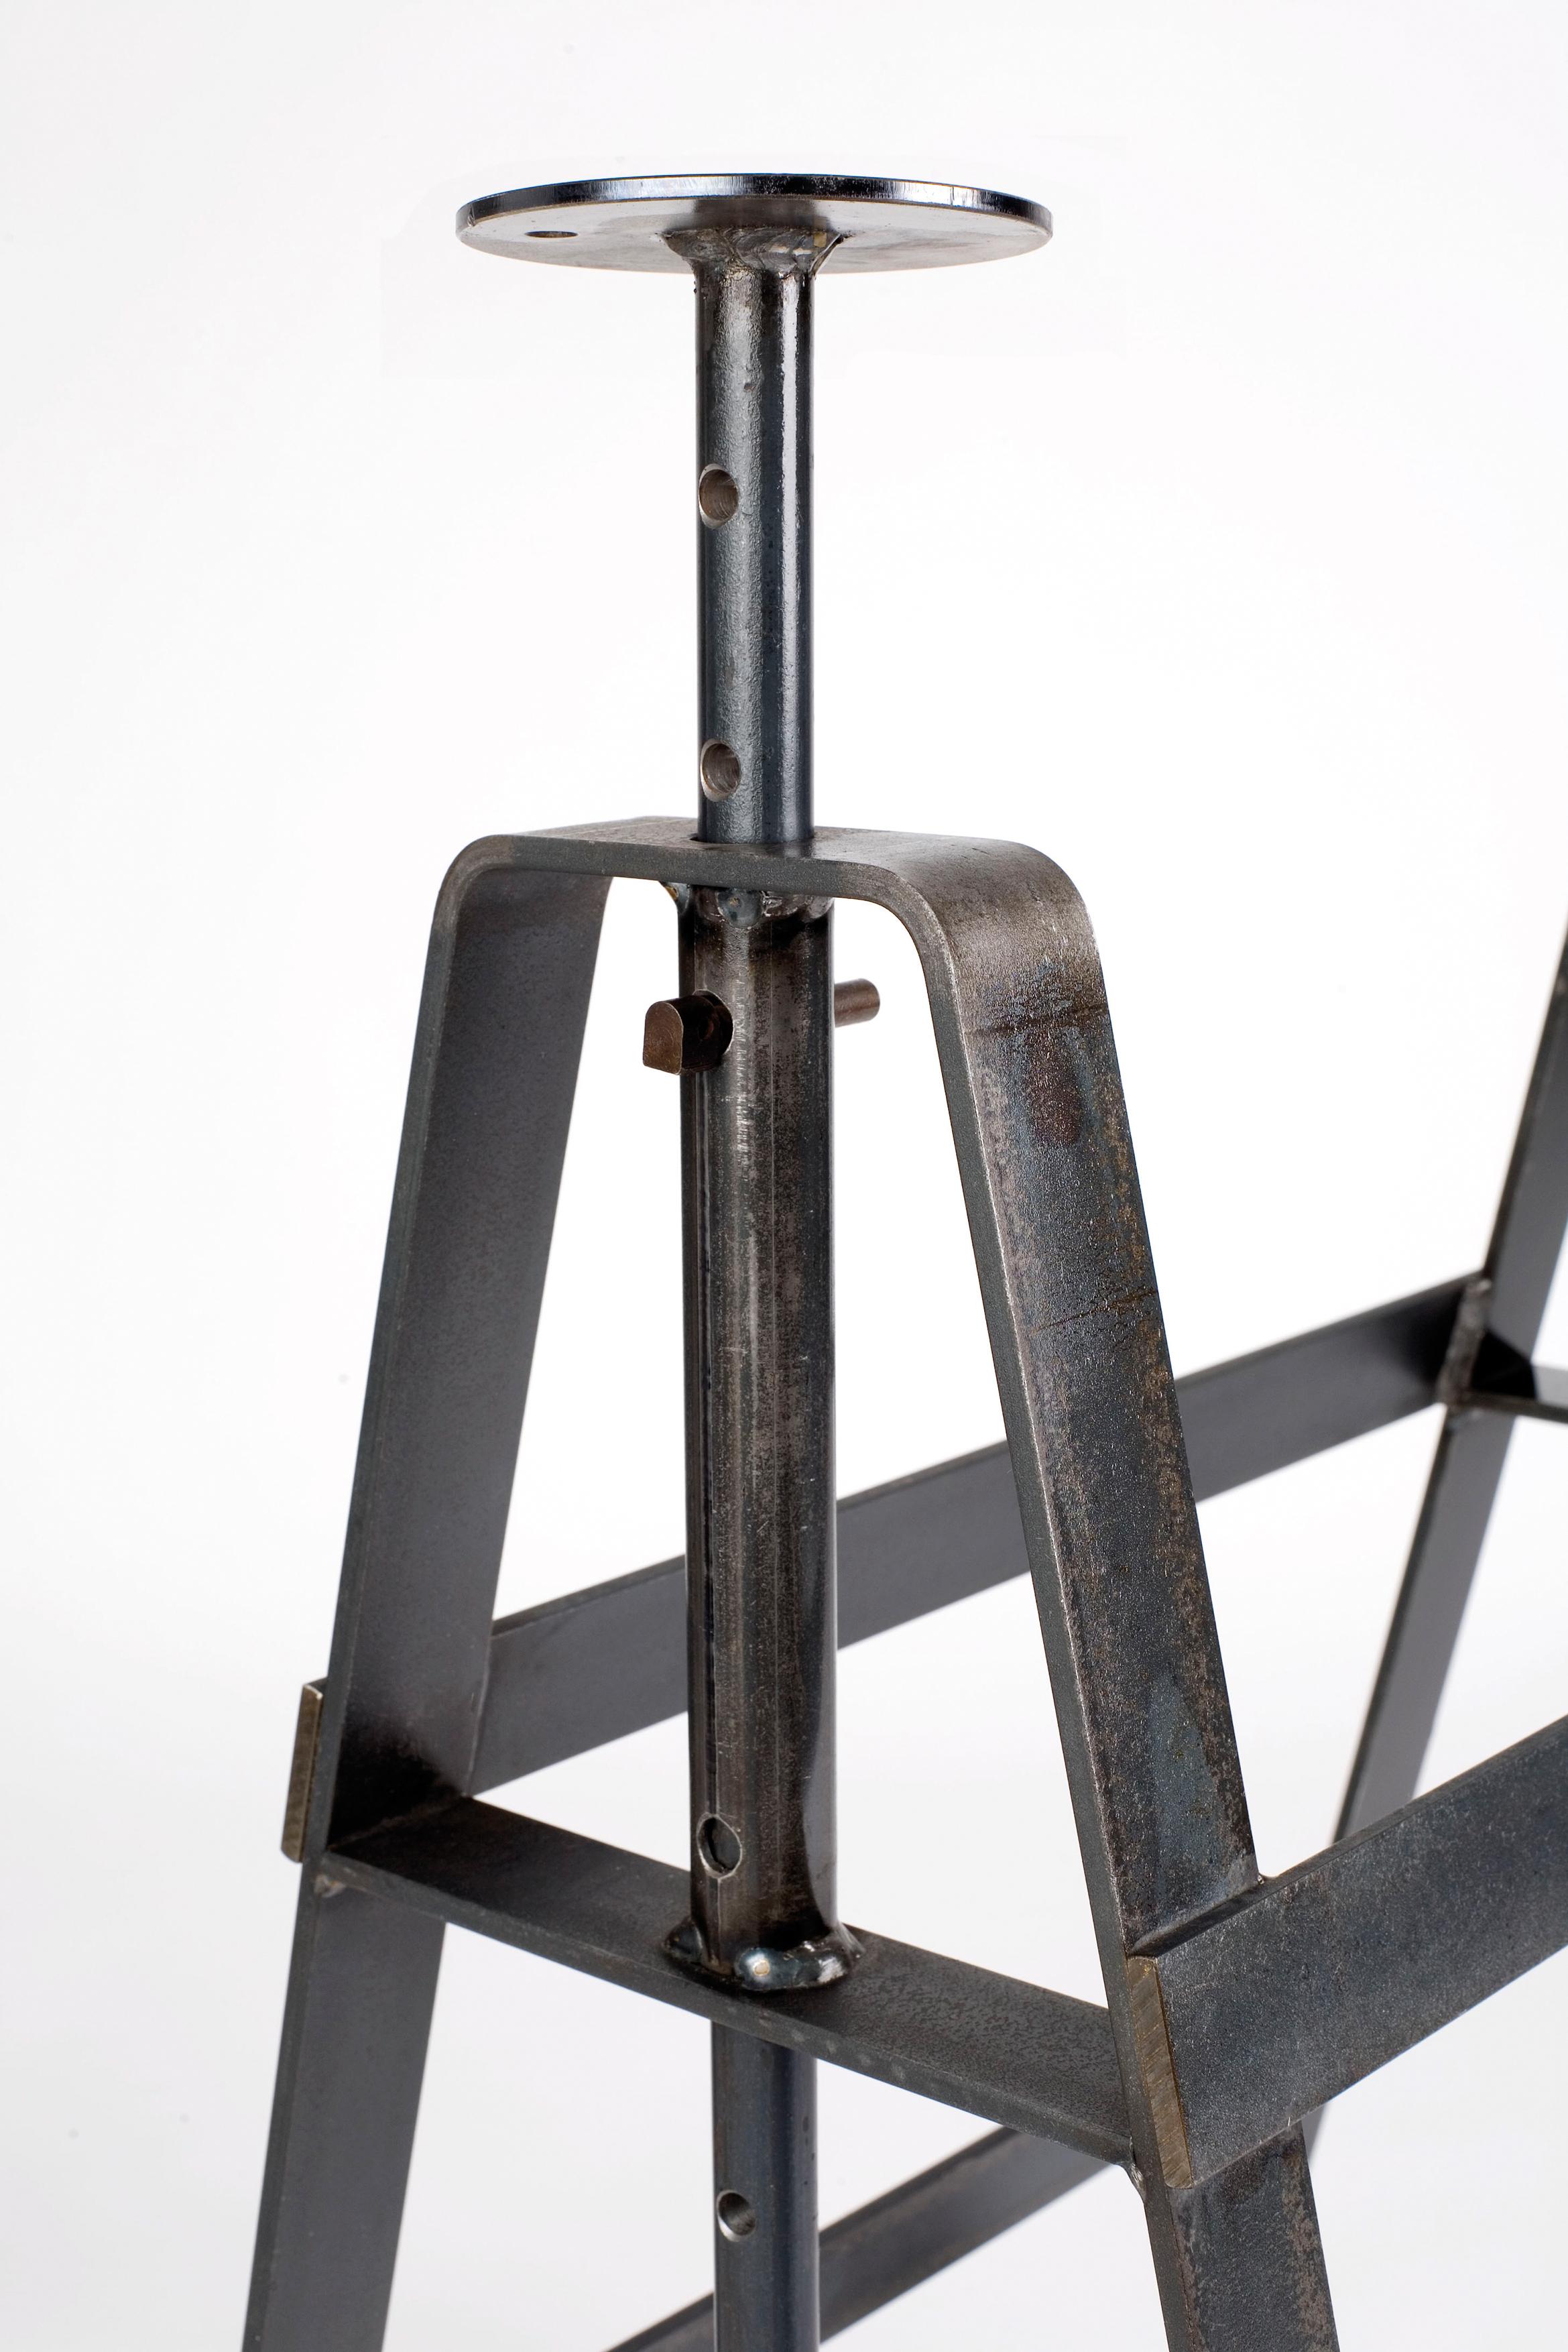 Affe Rohstahl Tischbock Tischgestell brüniert Atelier Haußmann